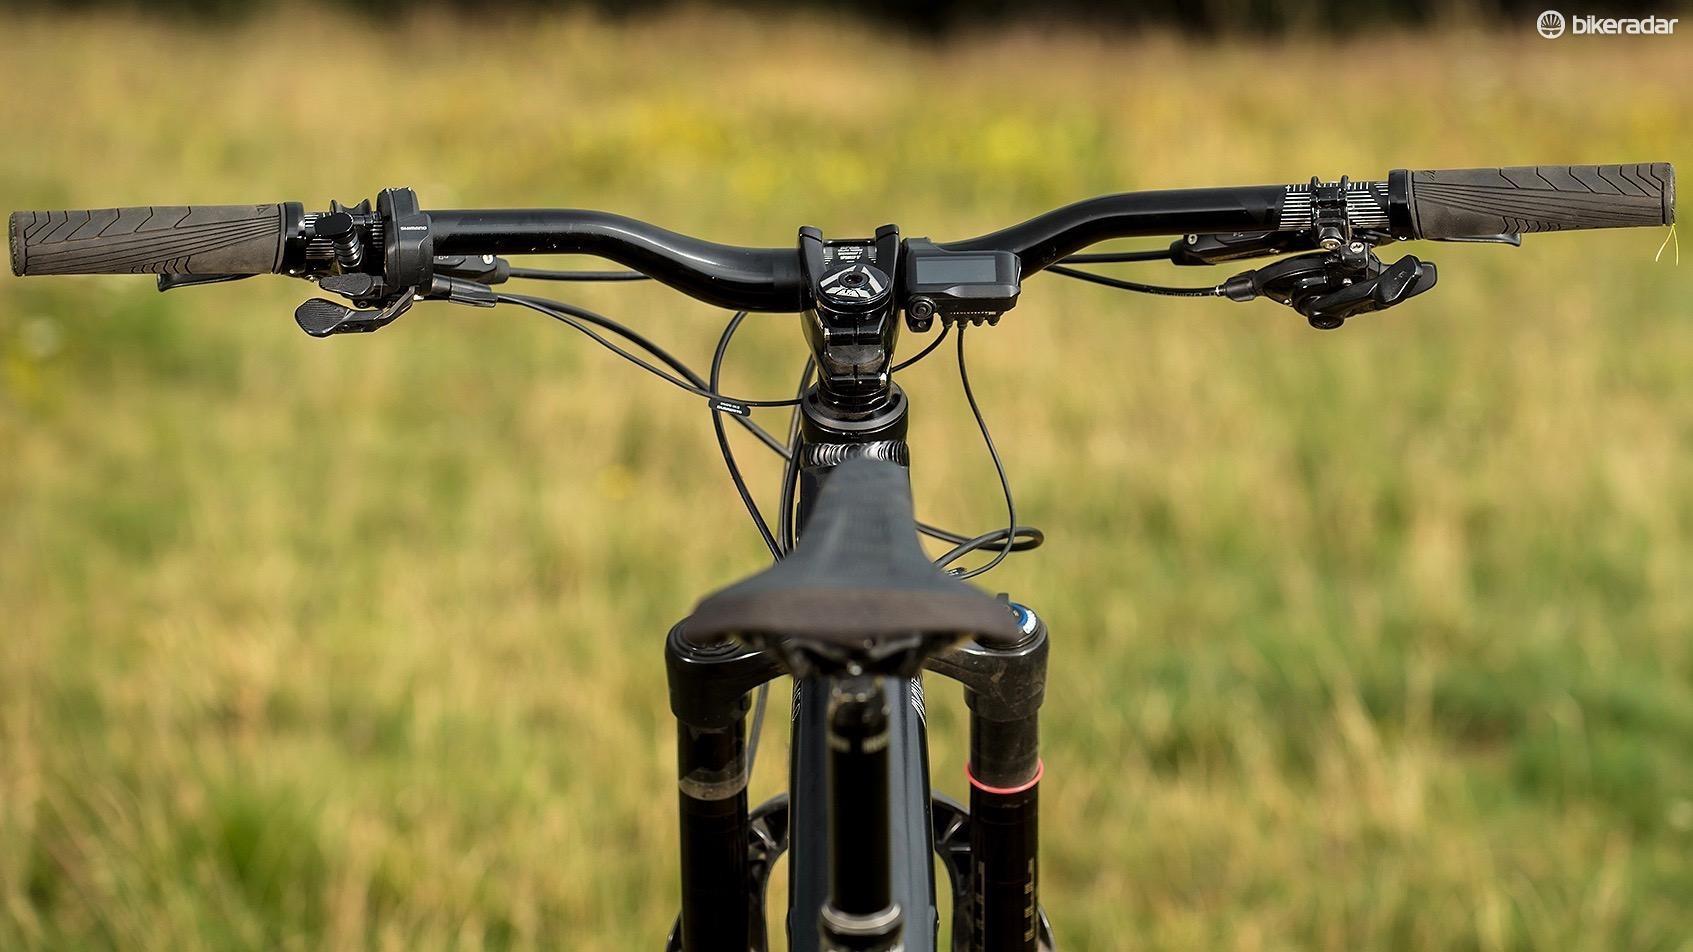 Slightly wonky saddle — oops!